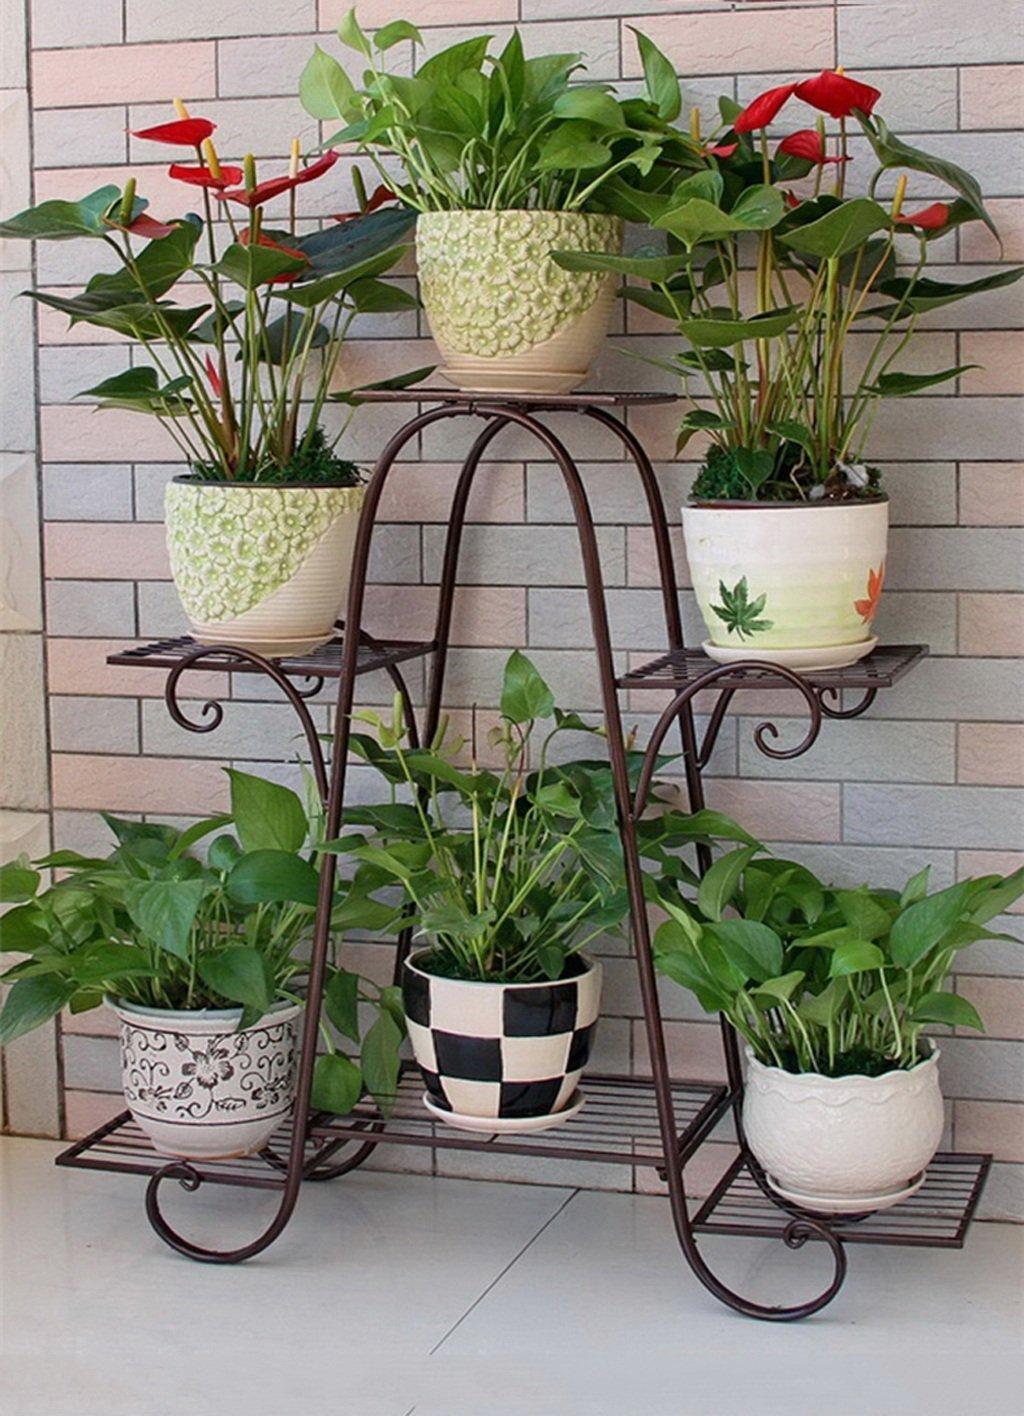 DYGDHJ Supporto da Vaso in Ferro a 3 Strati Supporto da Fiore in Stile Europeo Semplice Bonsai di Alta qualità Balcone Vaso da Fiori Telaio da Fiore in Ferro da Pavimento